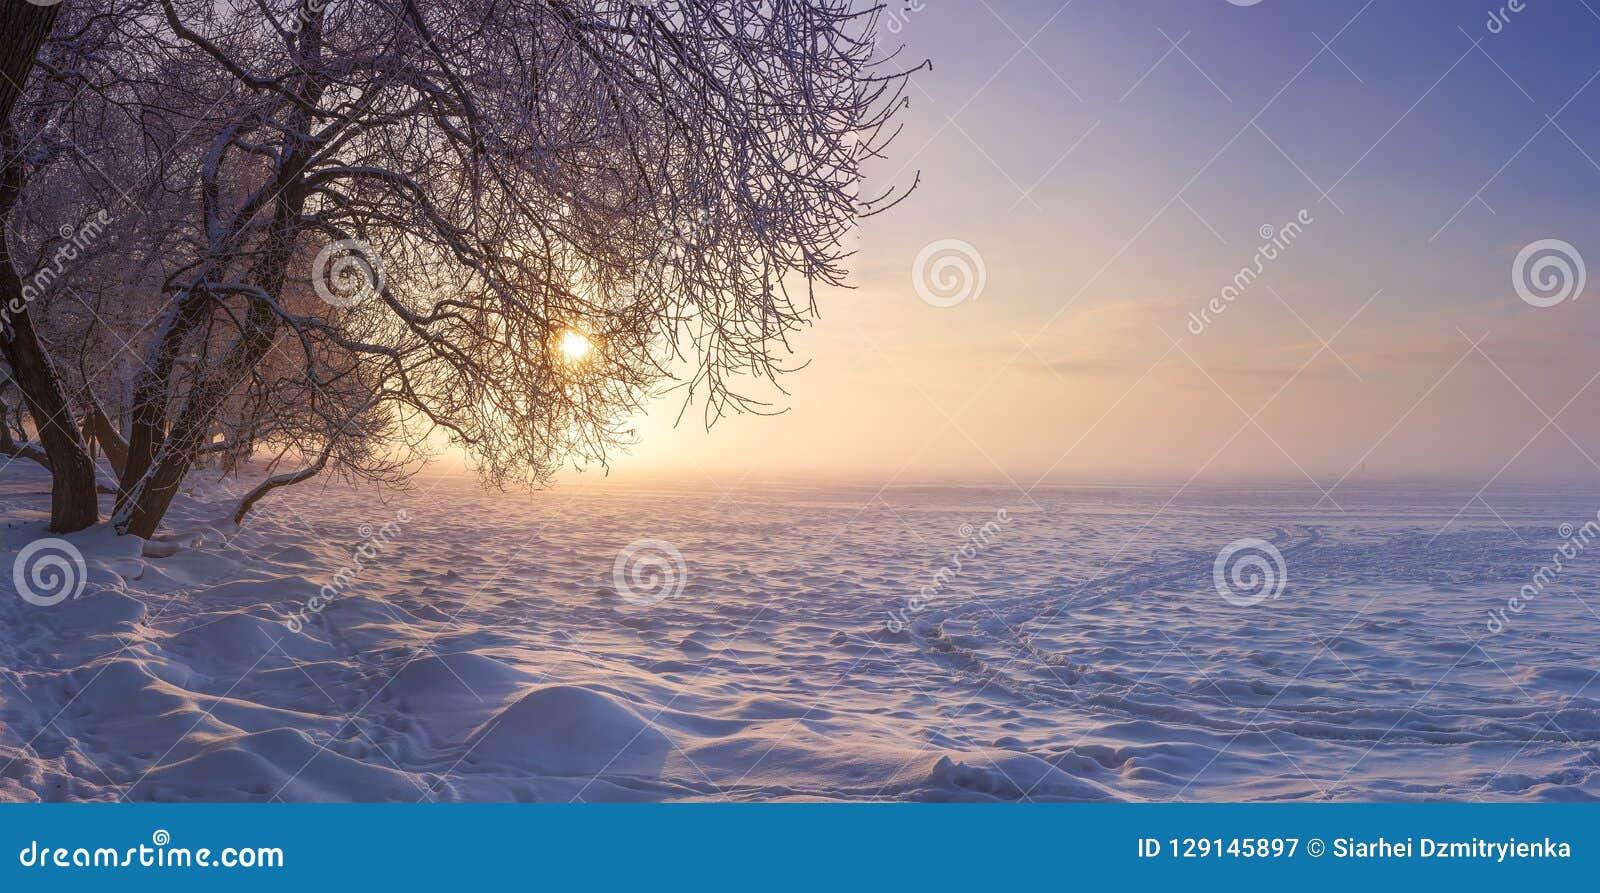 Ландшафт зимы в вечере на заходе солнца Снег, заморозок в январе предпосылка легкая редактирует природу изображения для того чтоб